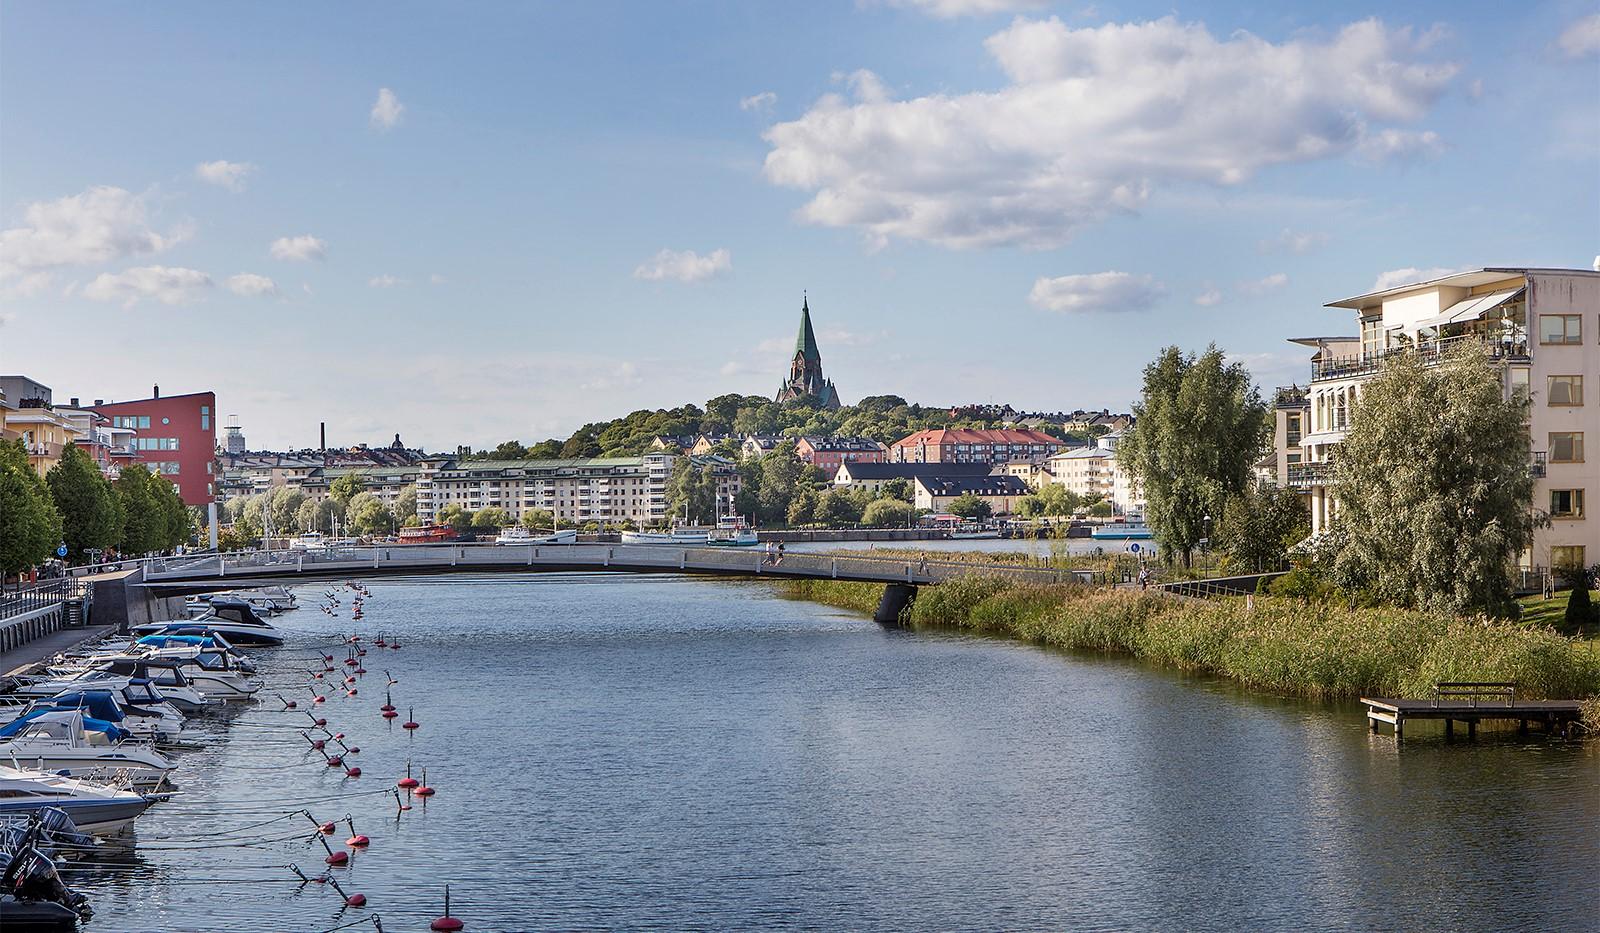 Sickla kanalgata 13B - Vy mot Hammarby Sjö